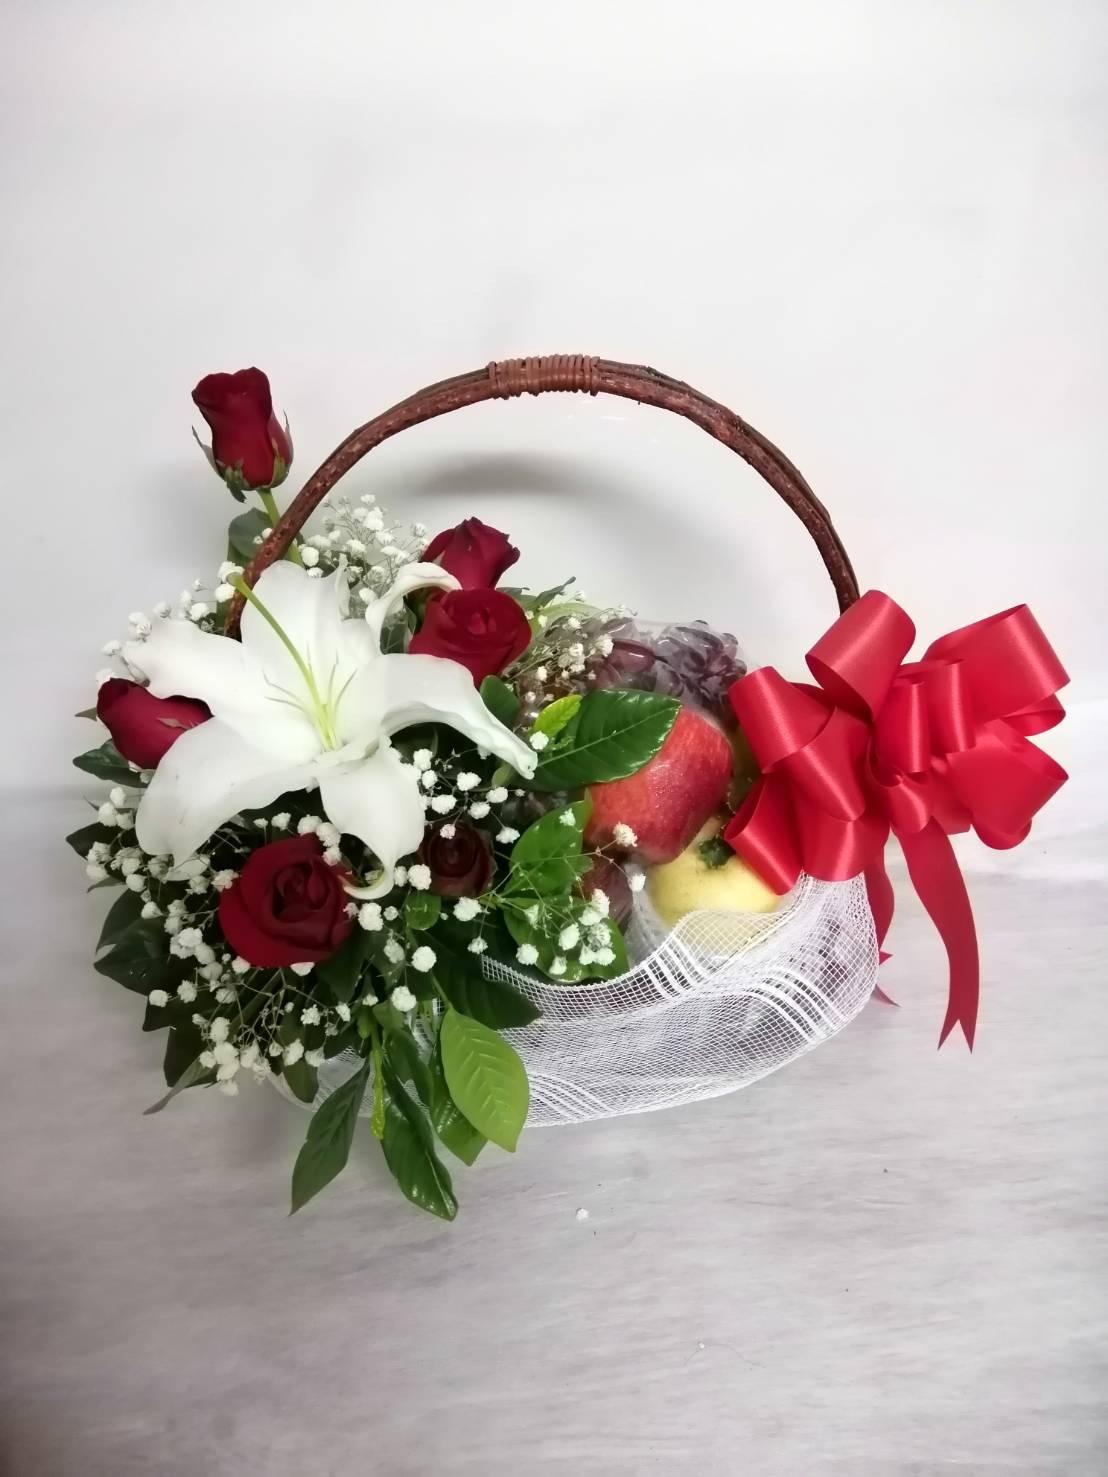 กระเช้าผลไม้สด ส่งพร้อมความรัก ความปรารถนาดีให้คนที่คุณห่วงใยกันค่ะ